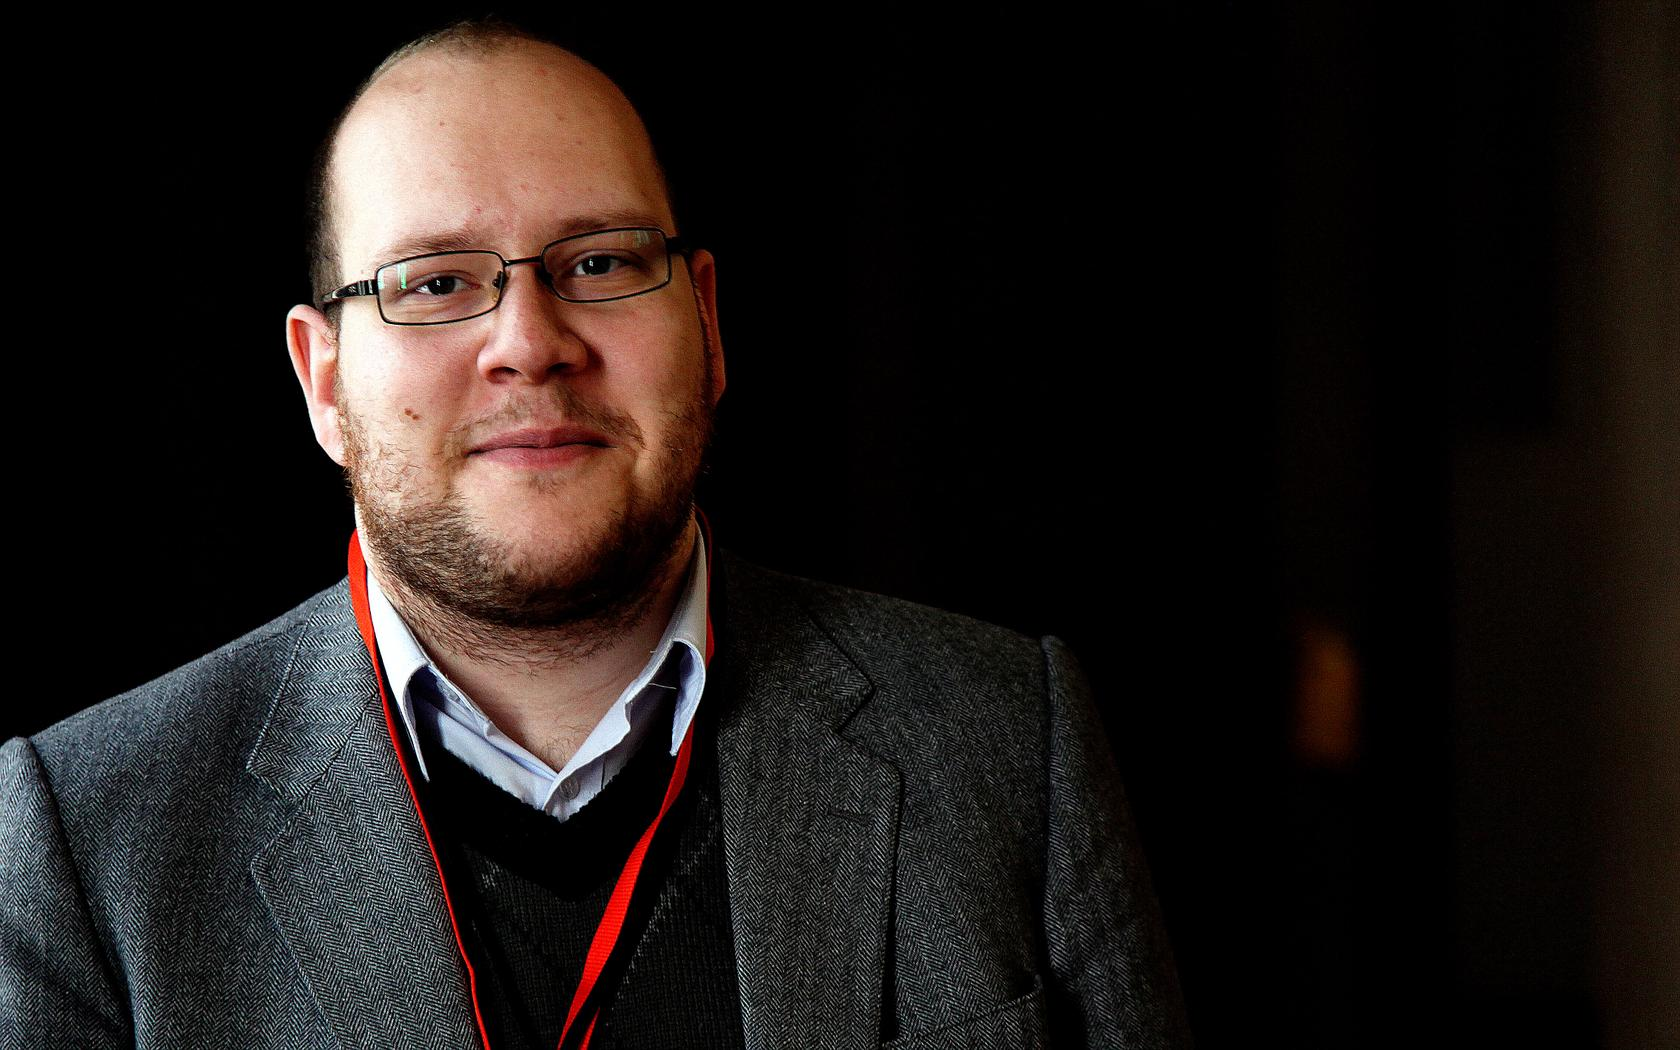 László Bognár